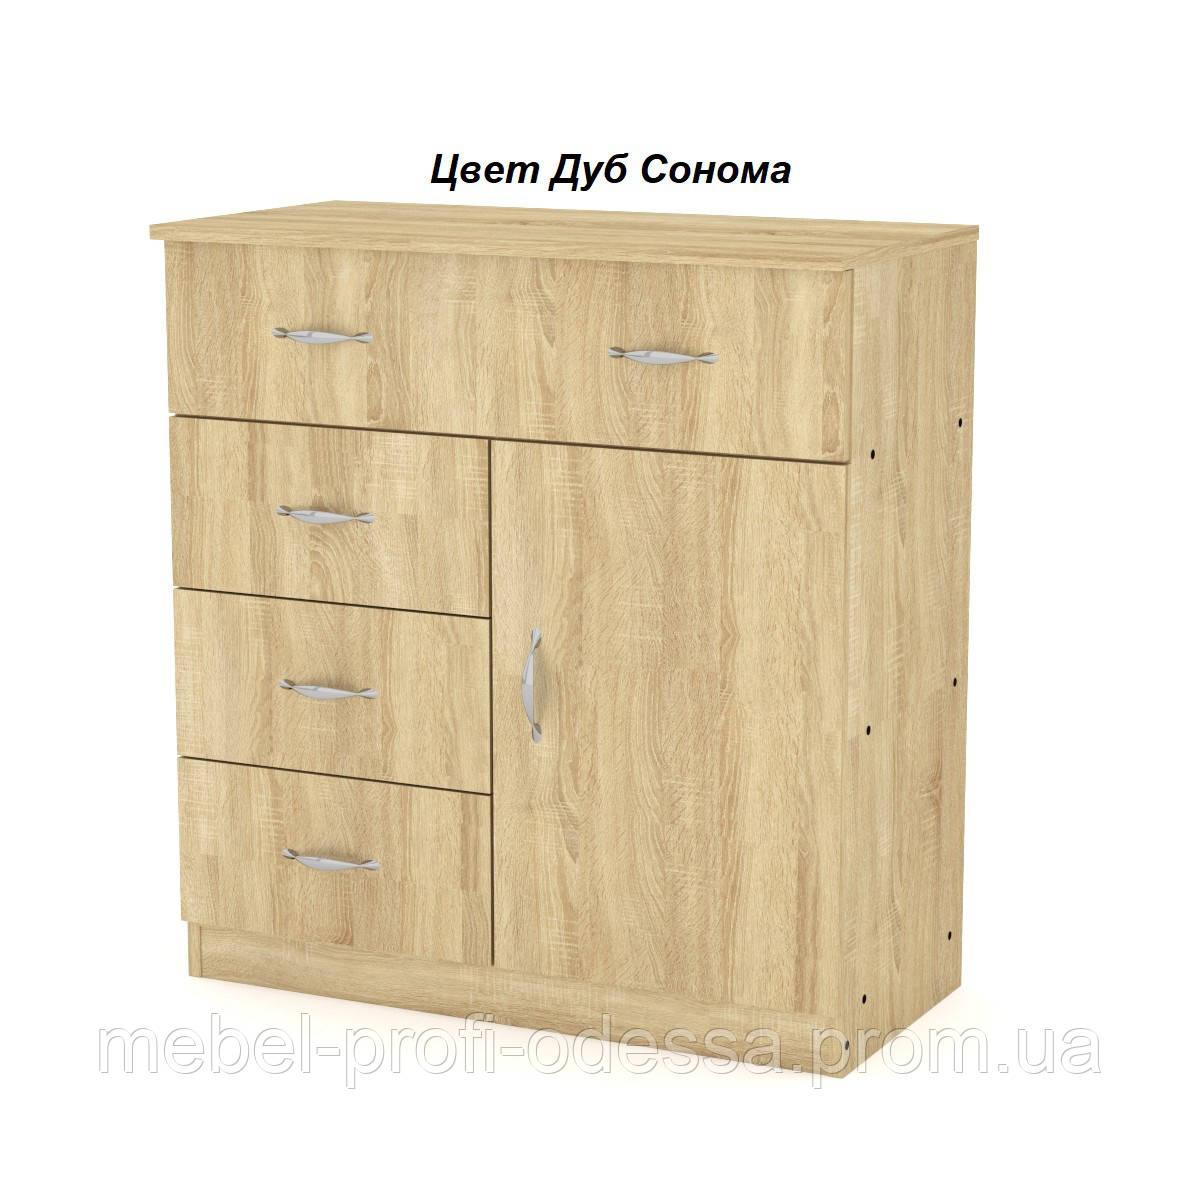 Комод 1+3+1 ширина 800 Компанит комод с тремя ящиками и одной дверью